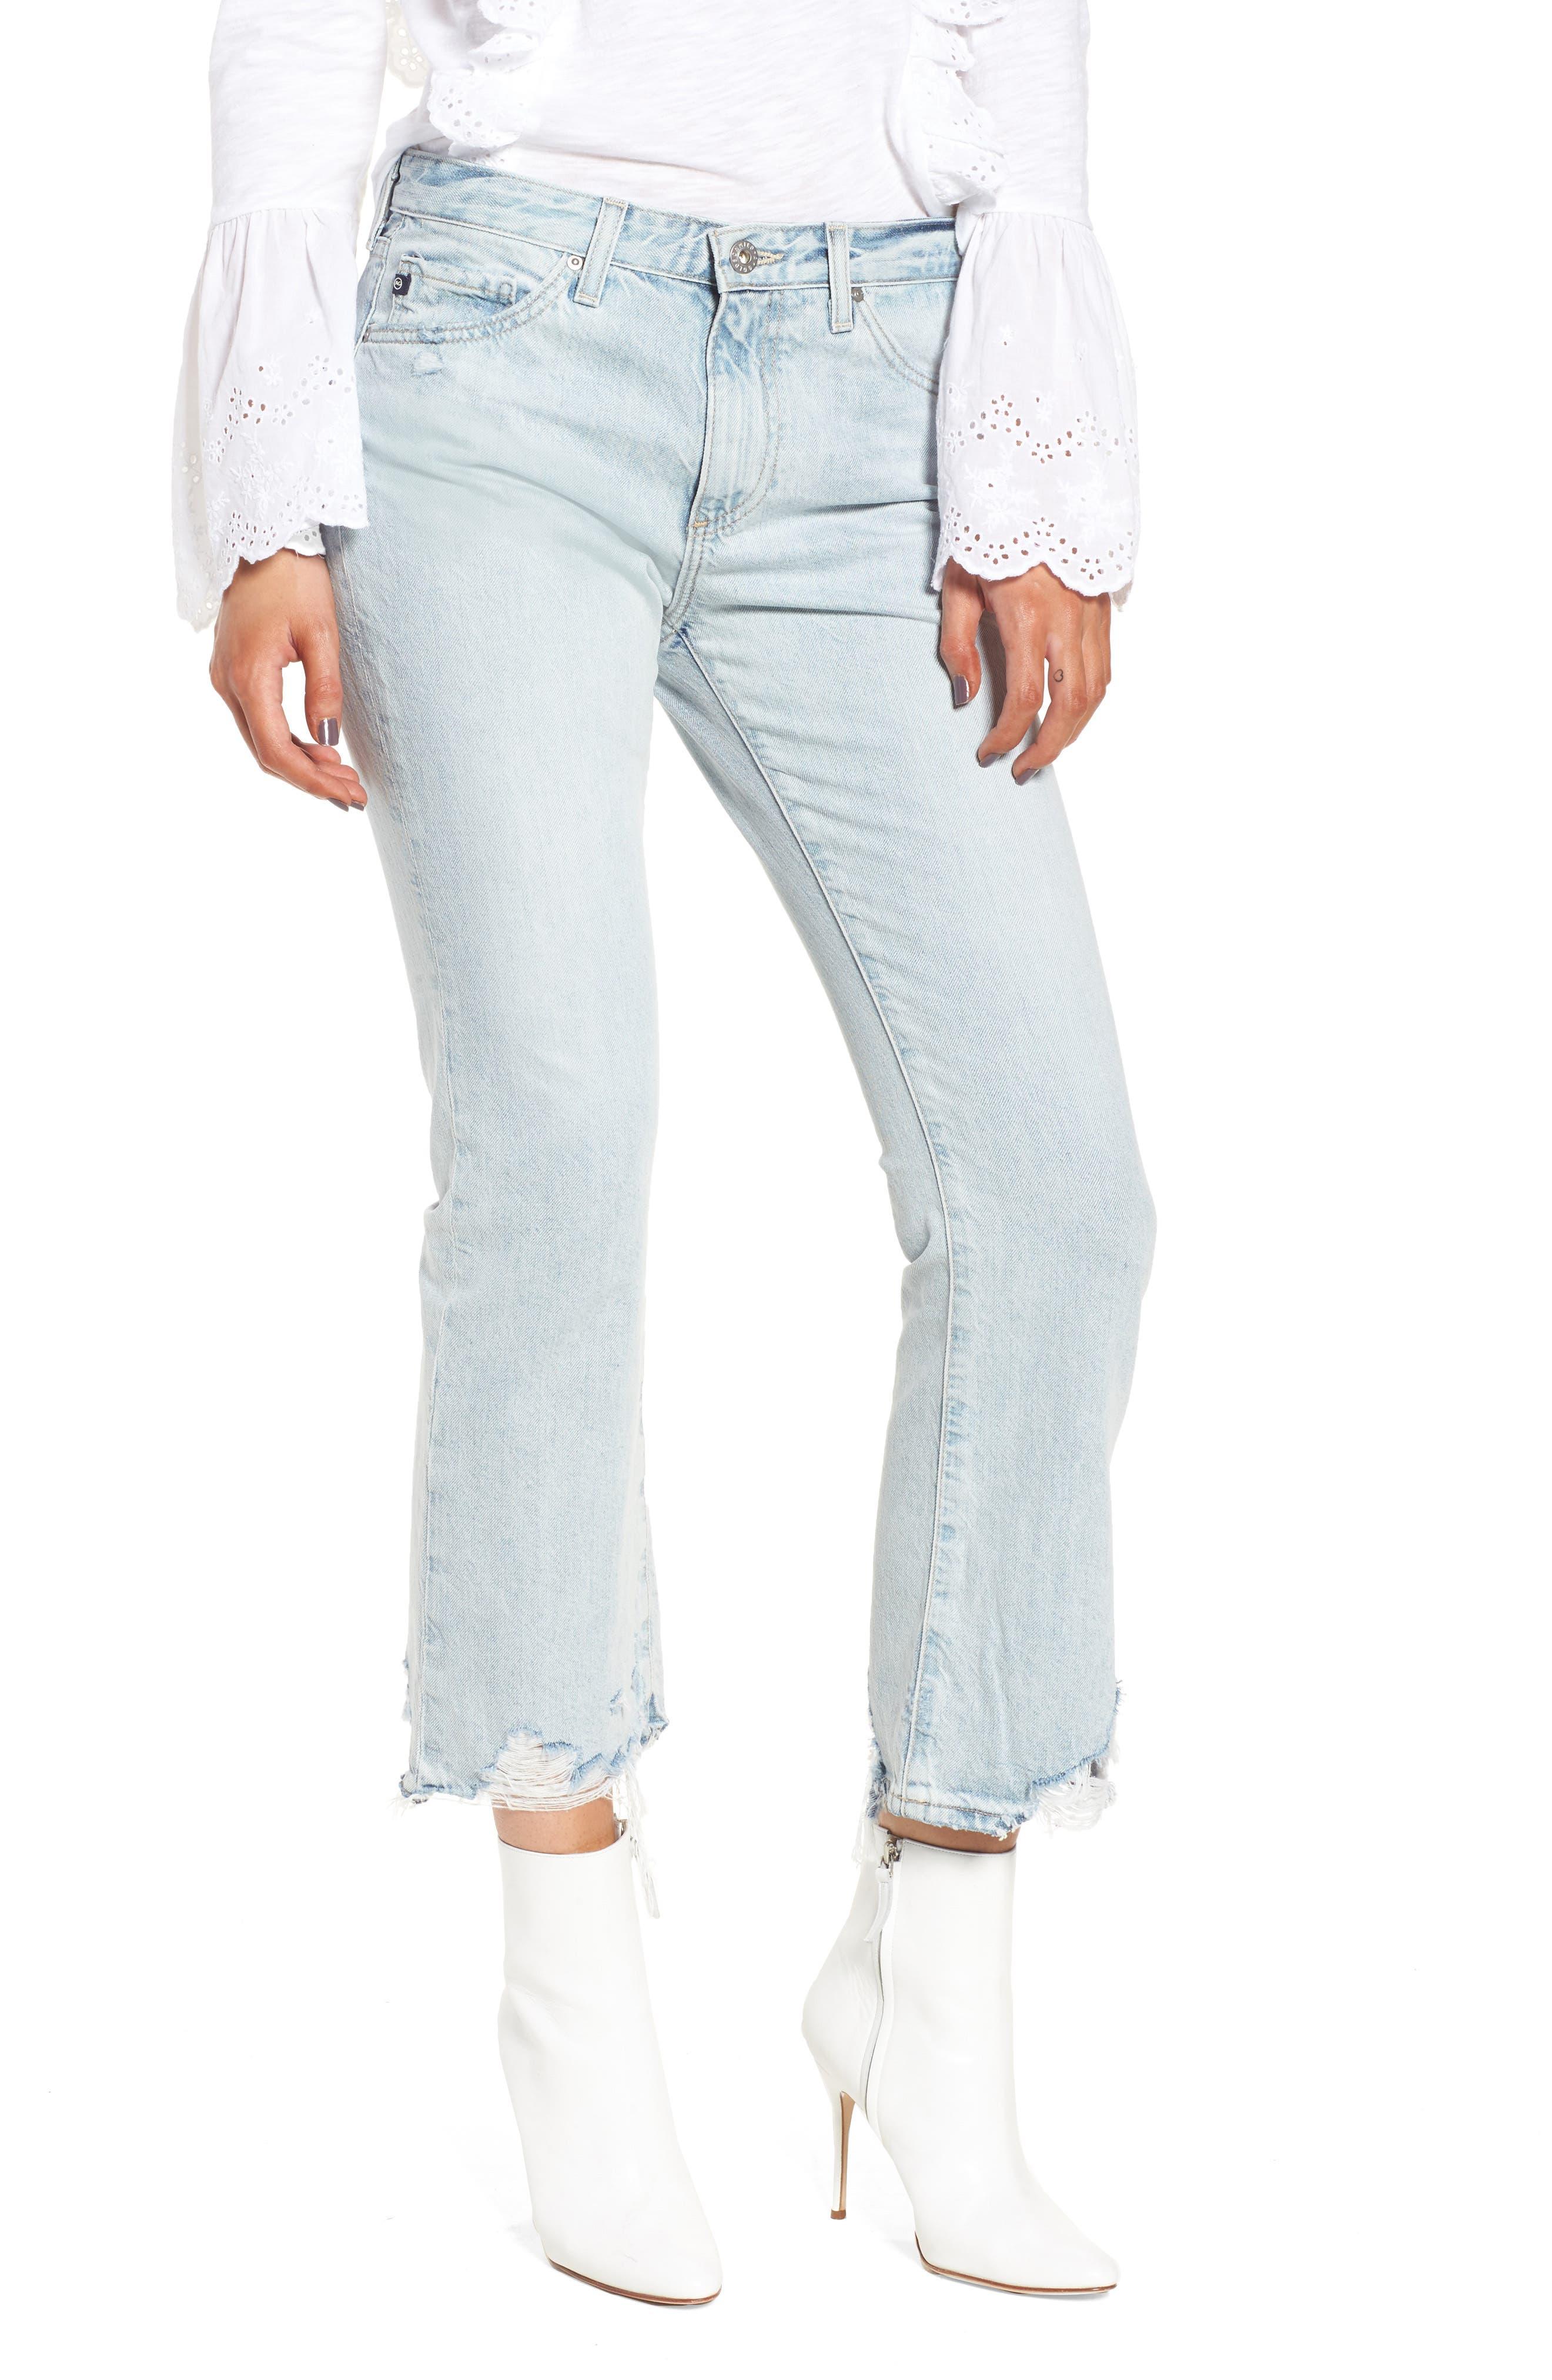 Jeans Jodi Crop Jeans,                             Main thumbnail 1, color,                             Bering Wave